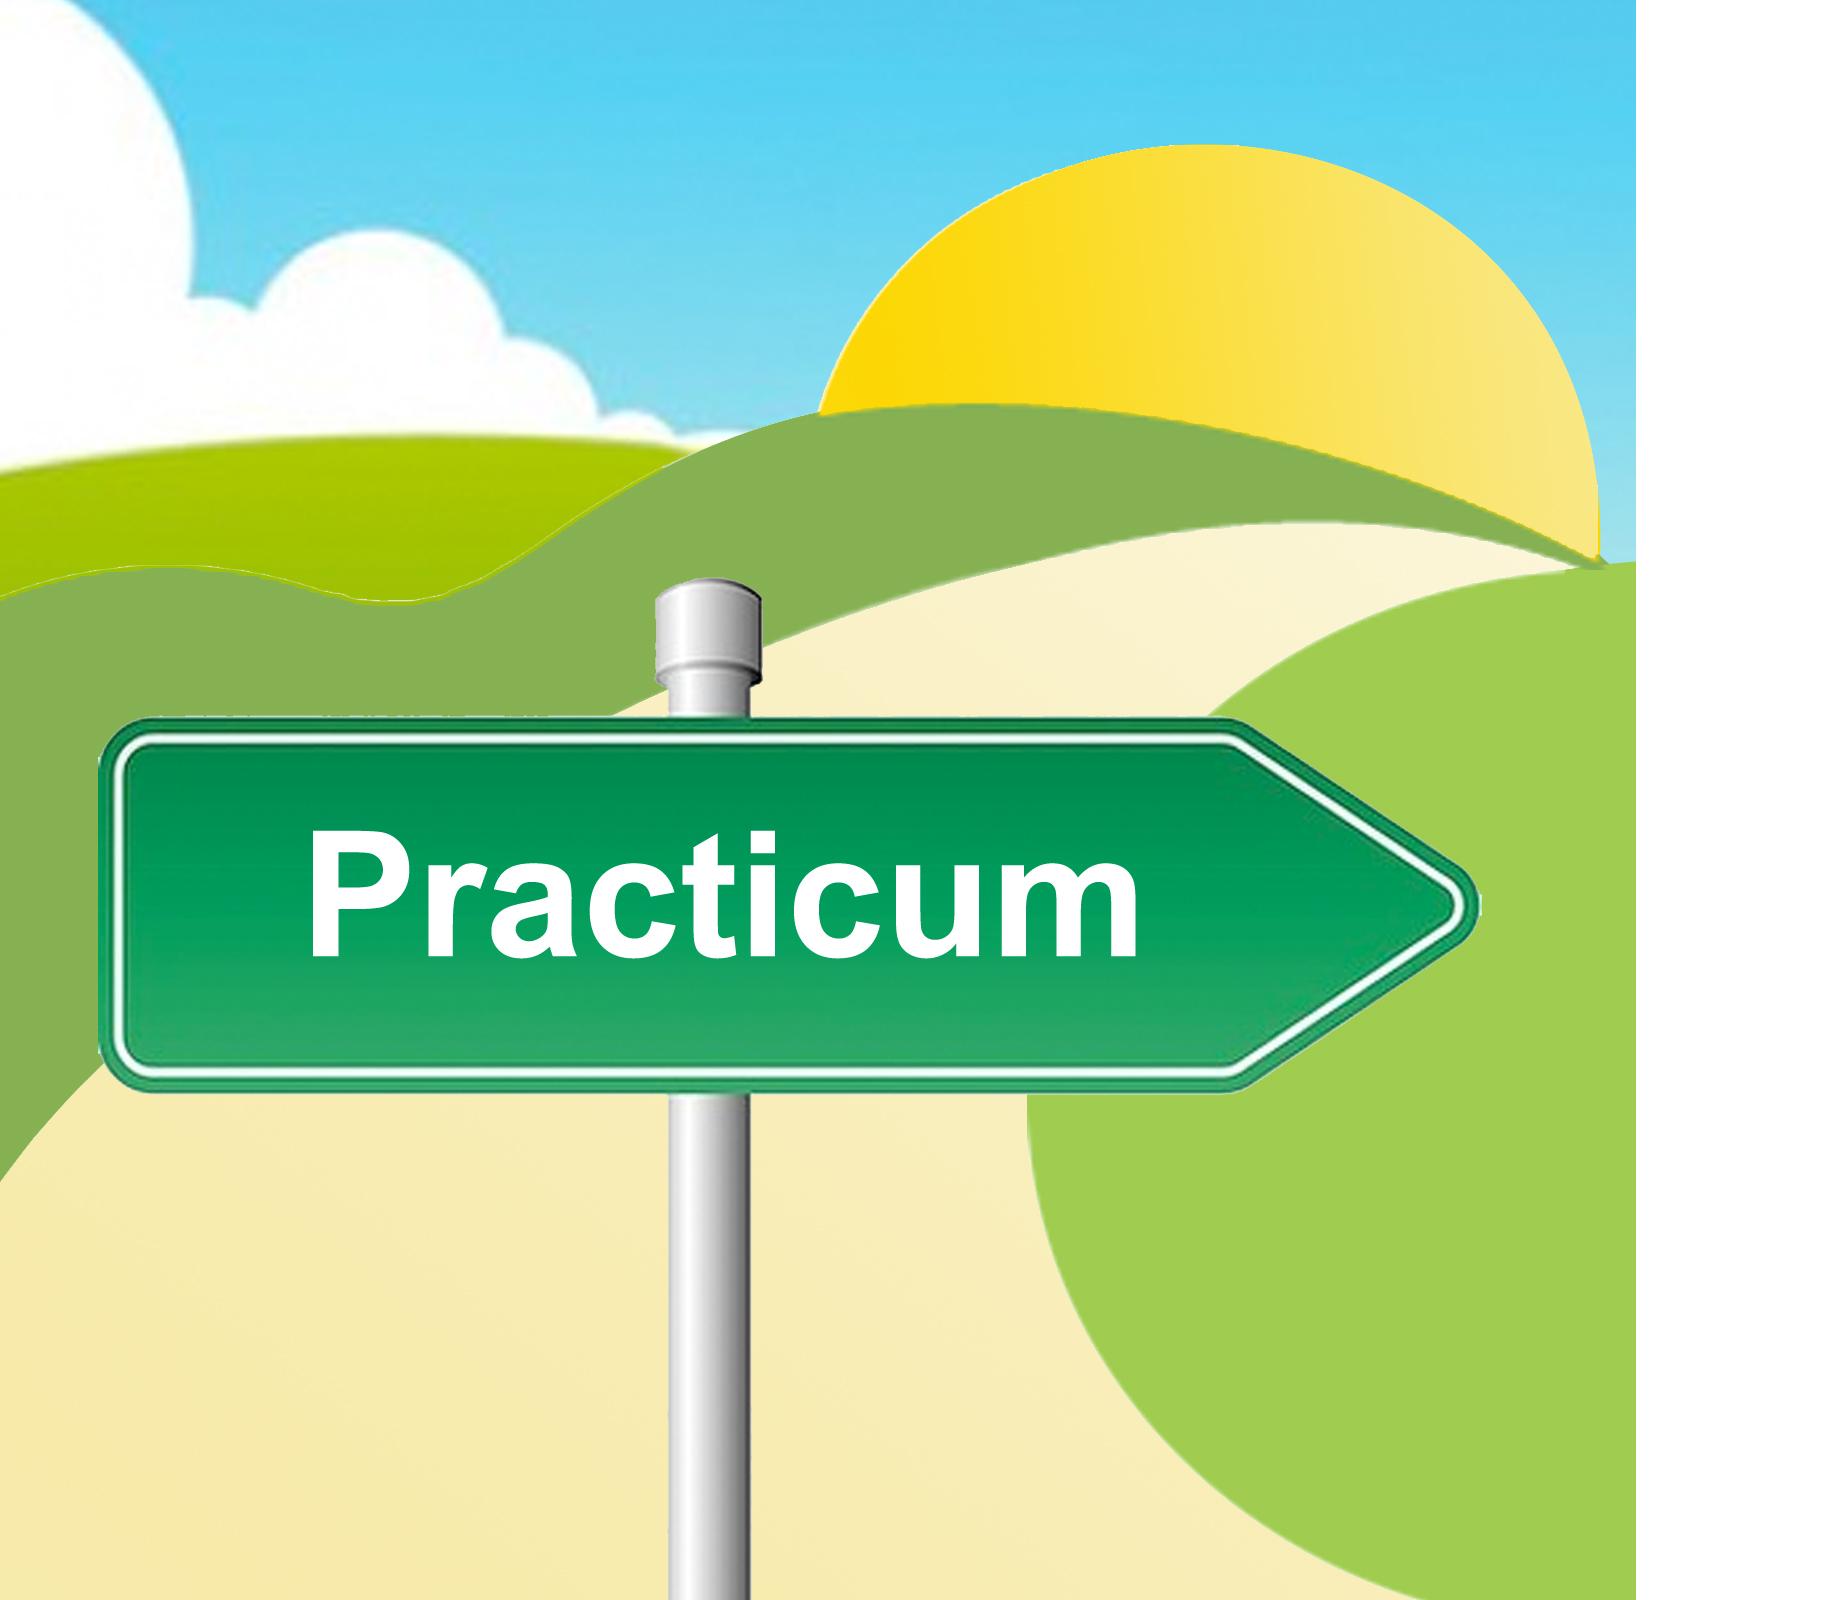 practicum2